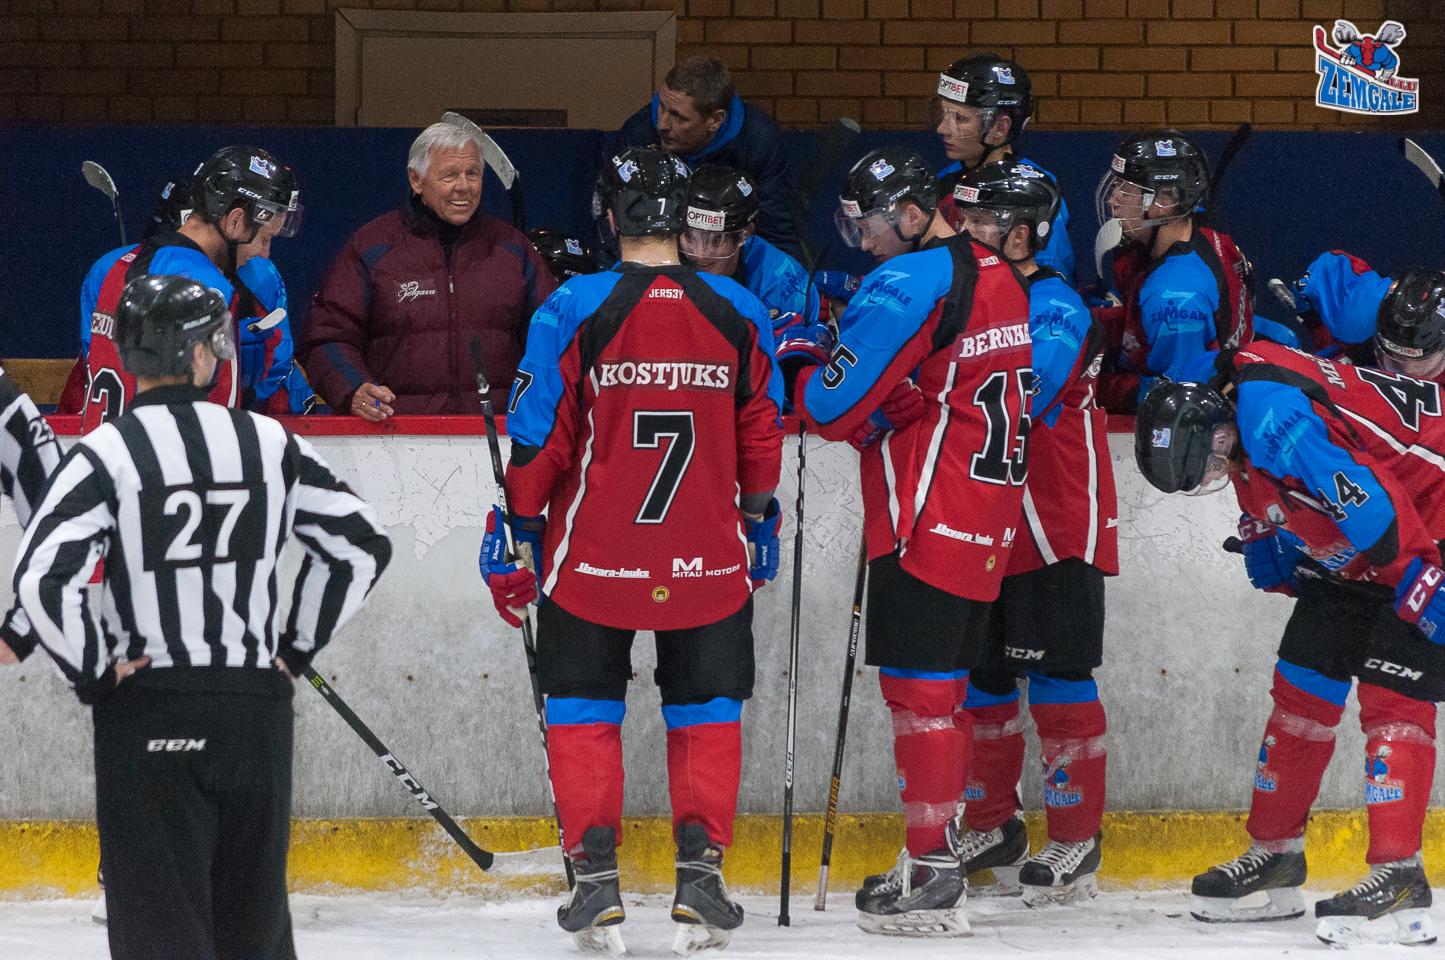 Jelgava – 11. oktobris: Zemgale/LLU galvenais treneris Haralds Vasiļjevs 30 sekunžu pārtraukumā motivē spēlētājus uz vārtu gūšanu Jelgavas ledus hallē 2017. gada 11. oktobrī.